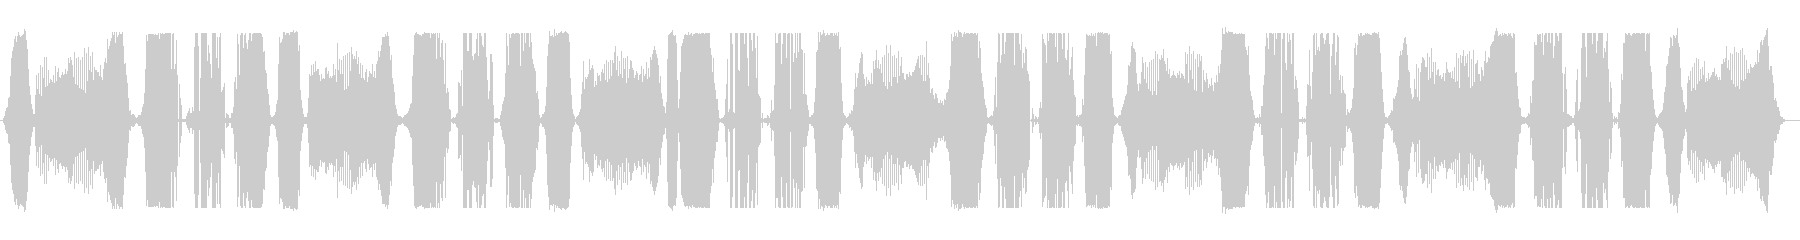 通信歪みアクティブアラームの未再生の波形